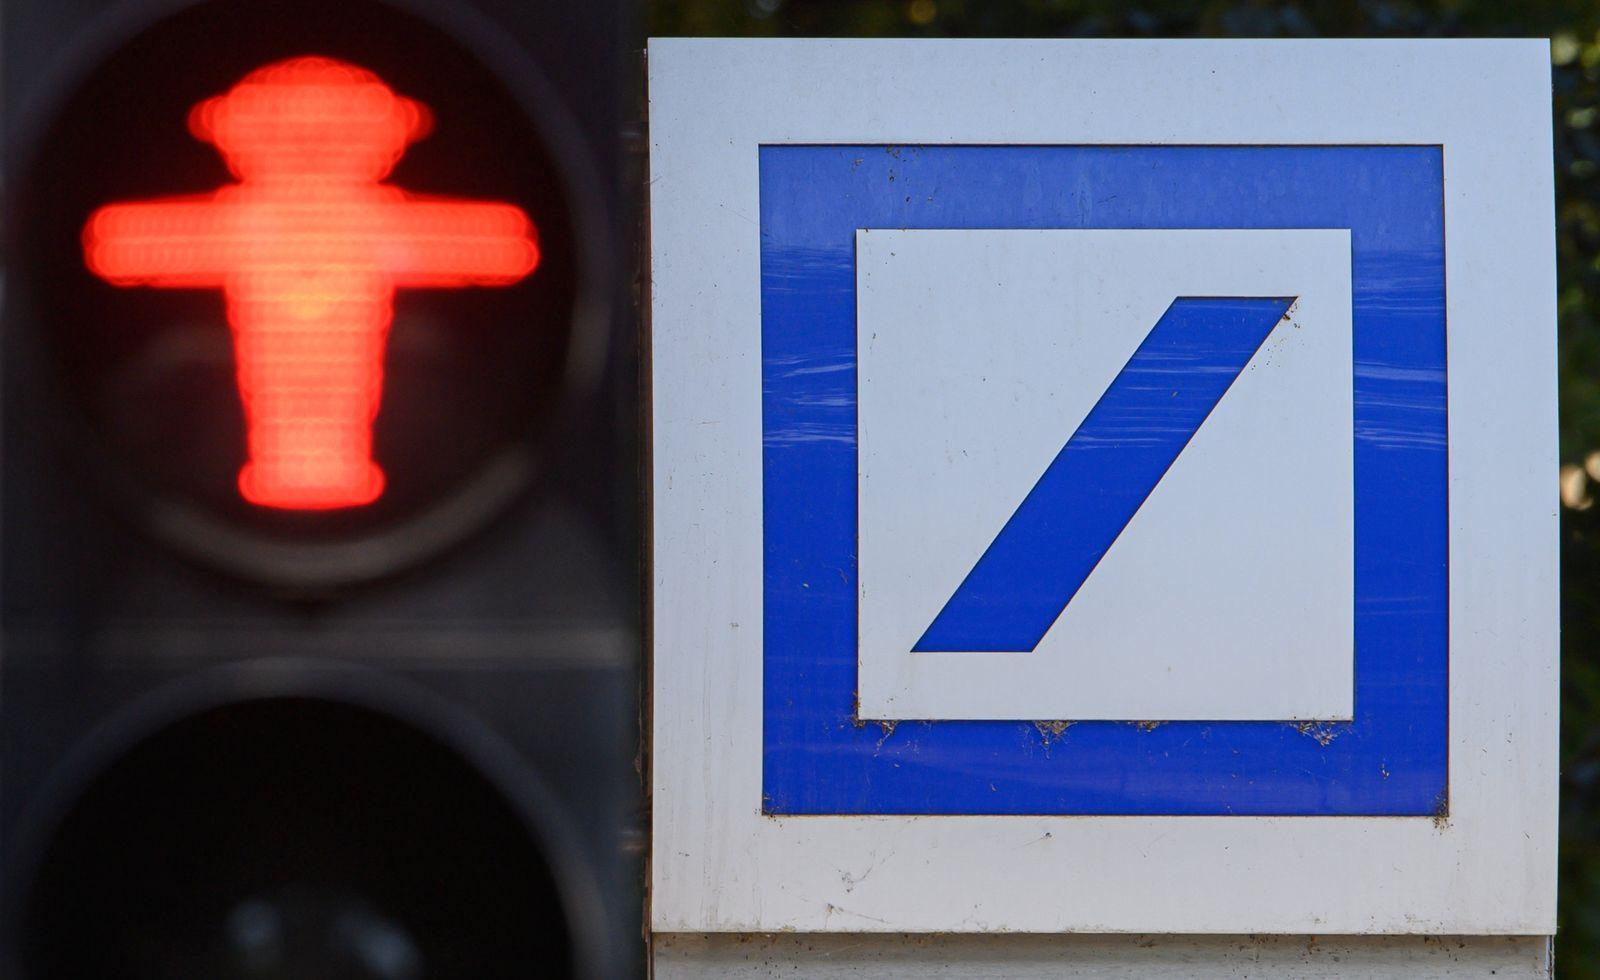 Deutsche Bank - Filialschließungen